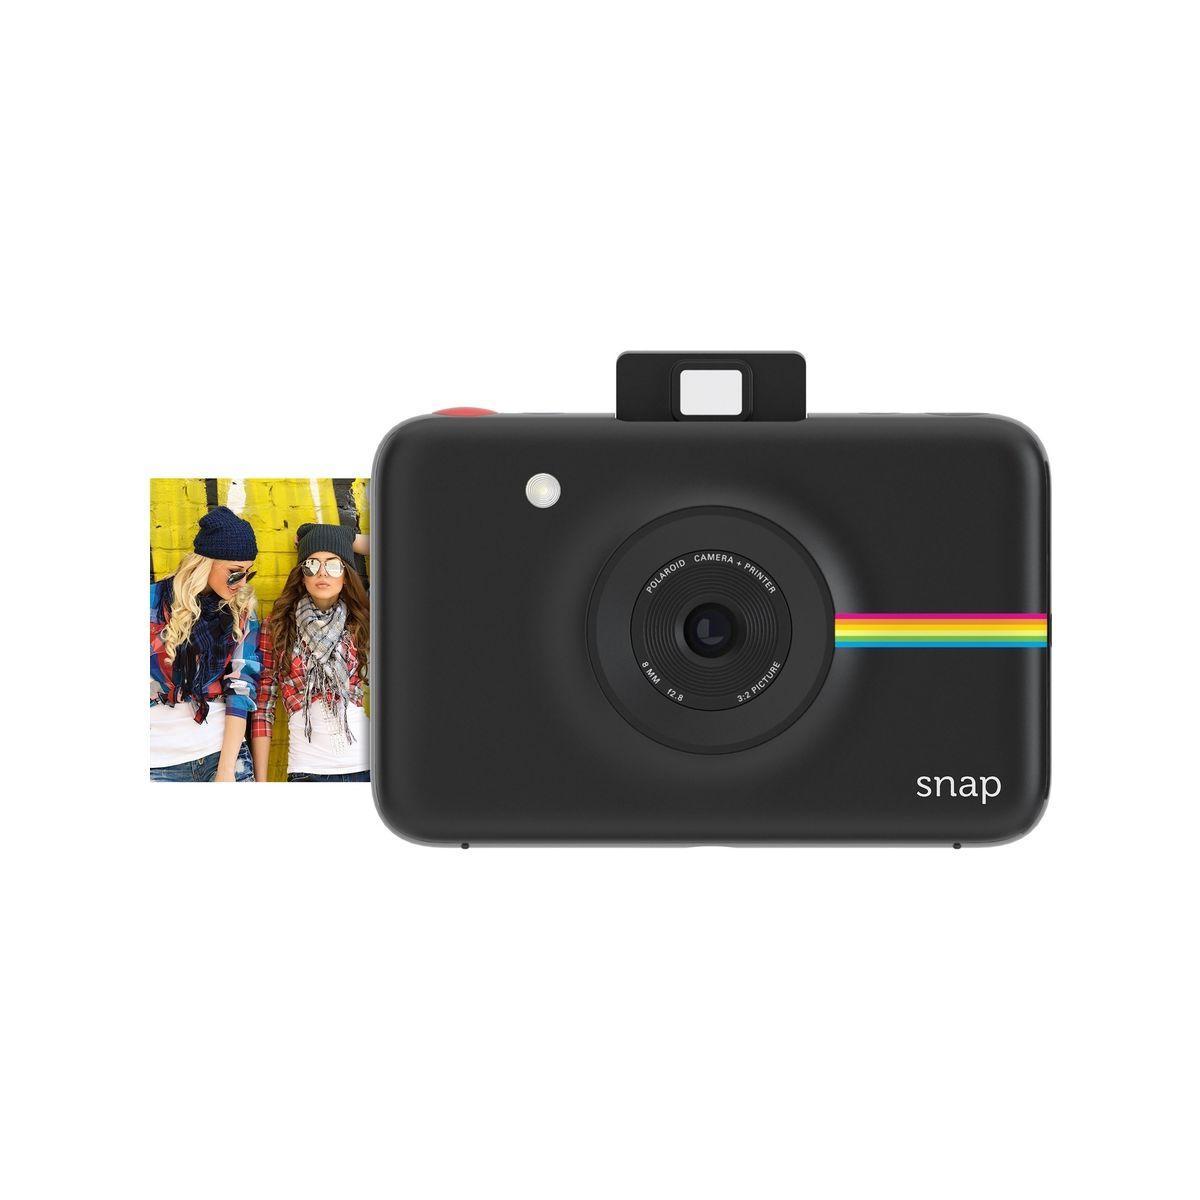 Appareil photo instantan? polaroid snap noir - 10% de remise i...